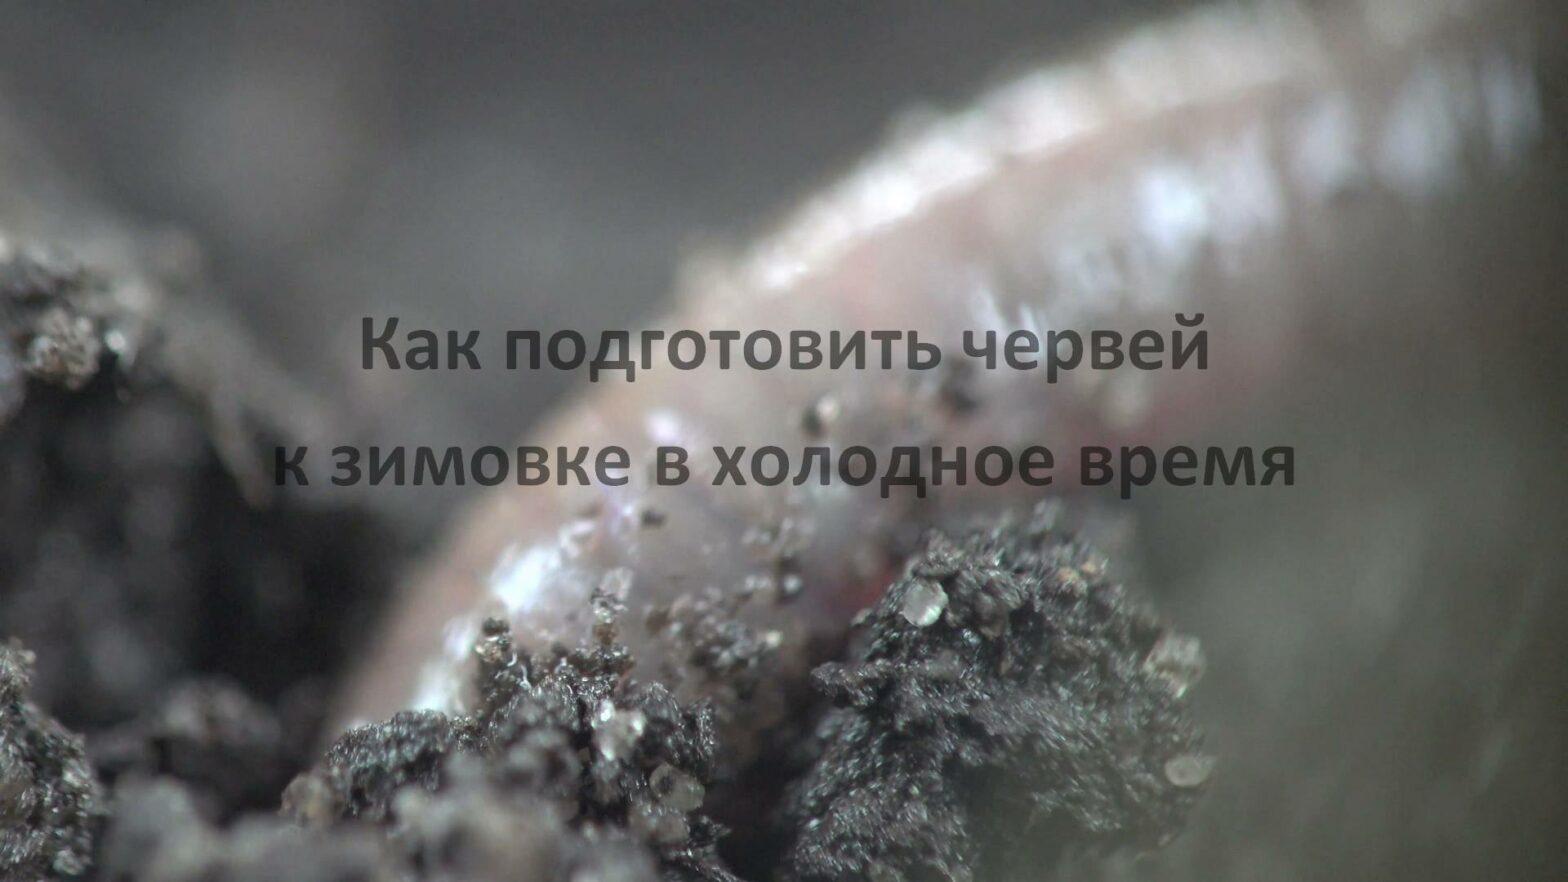 Как подготовить червей к зимовке в холодное время